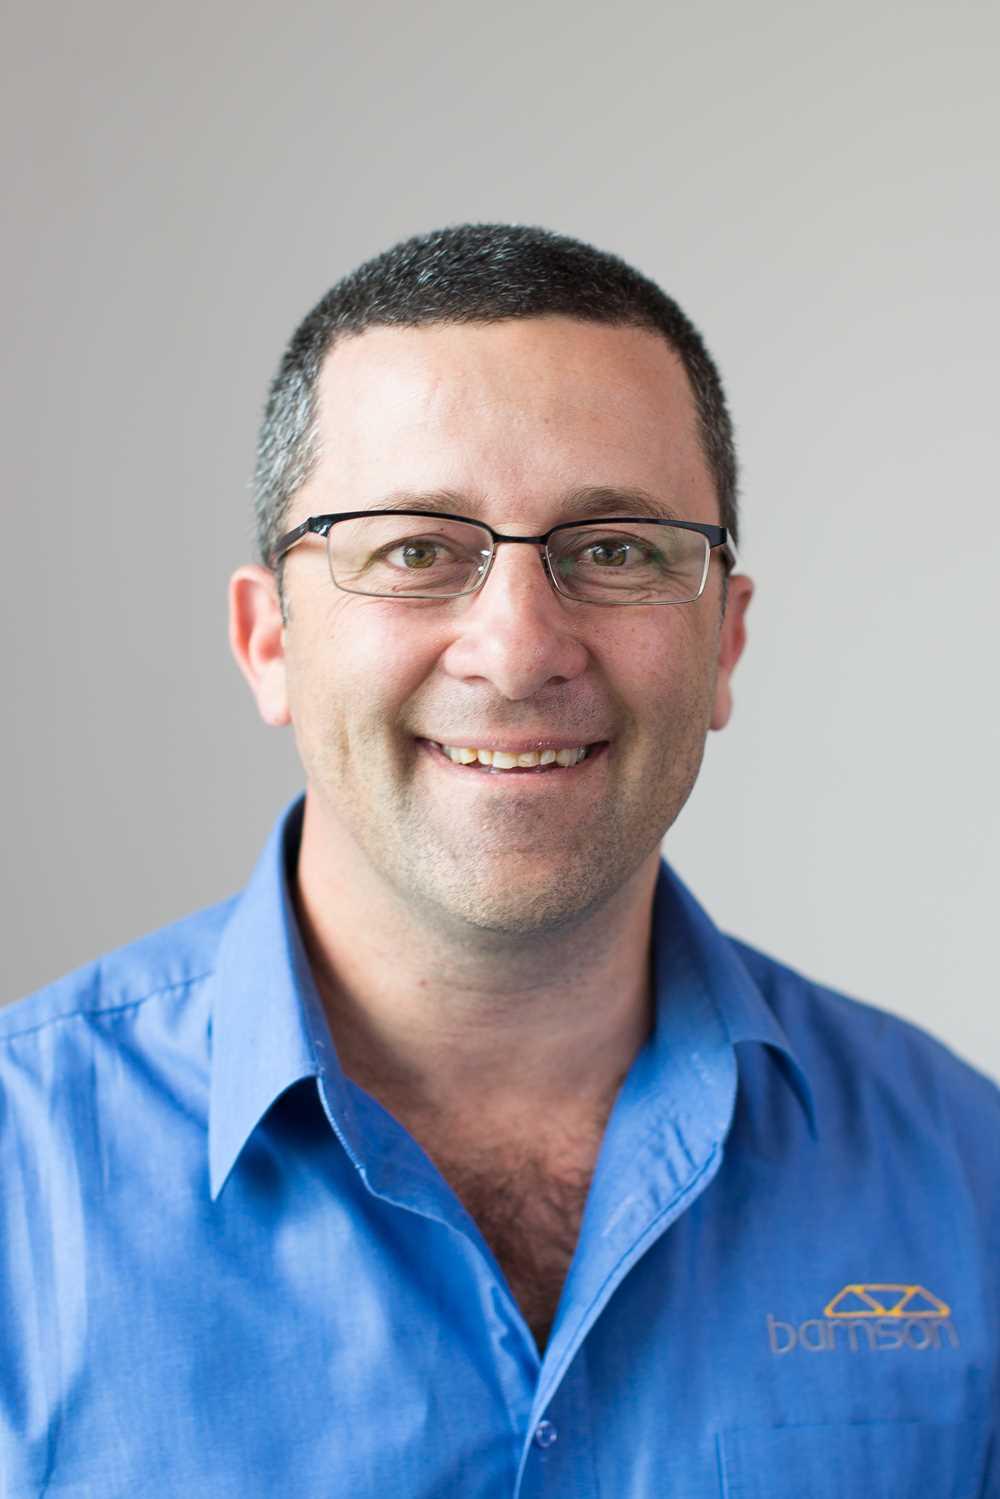 James Sarantzouklis